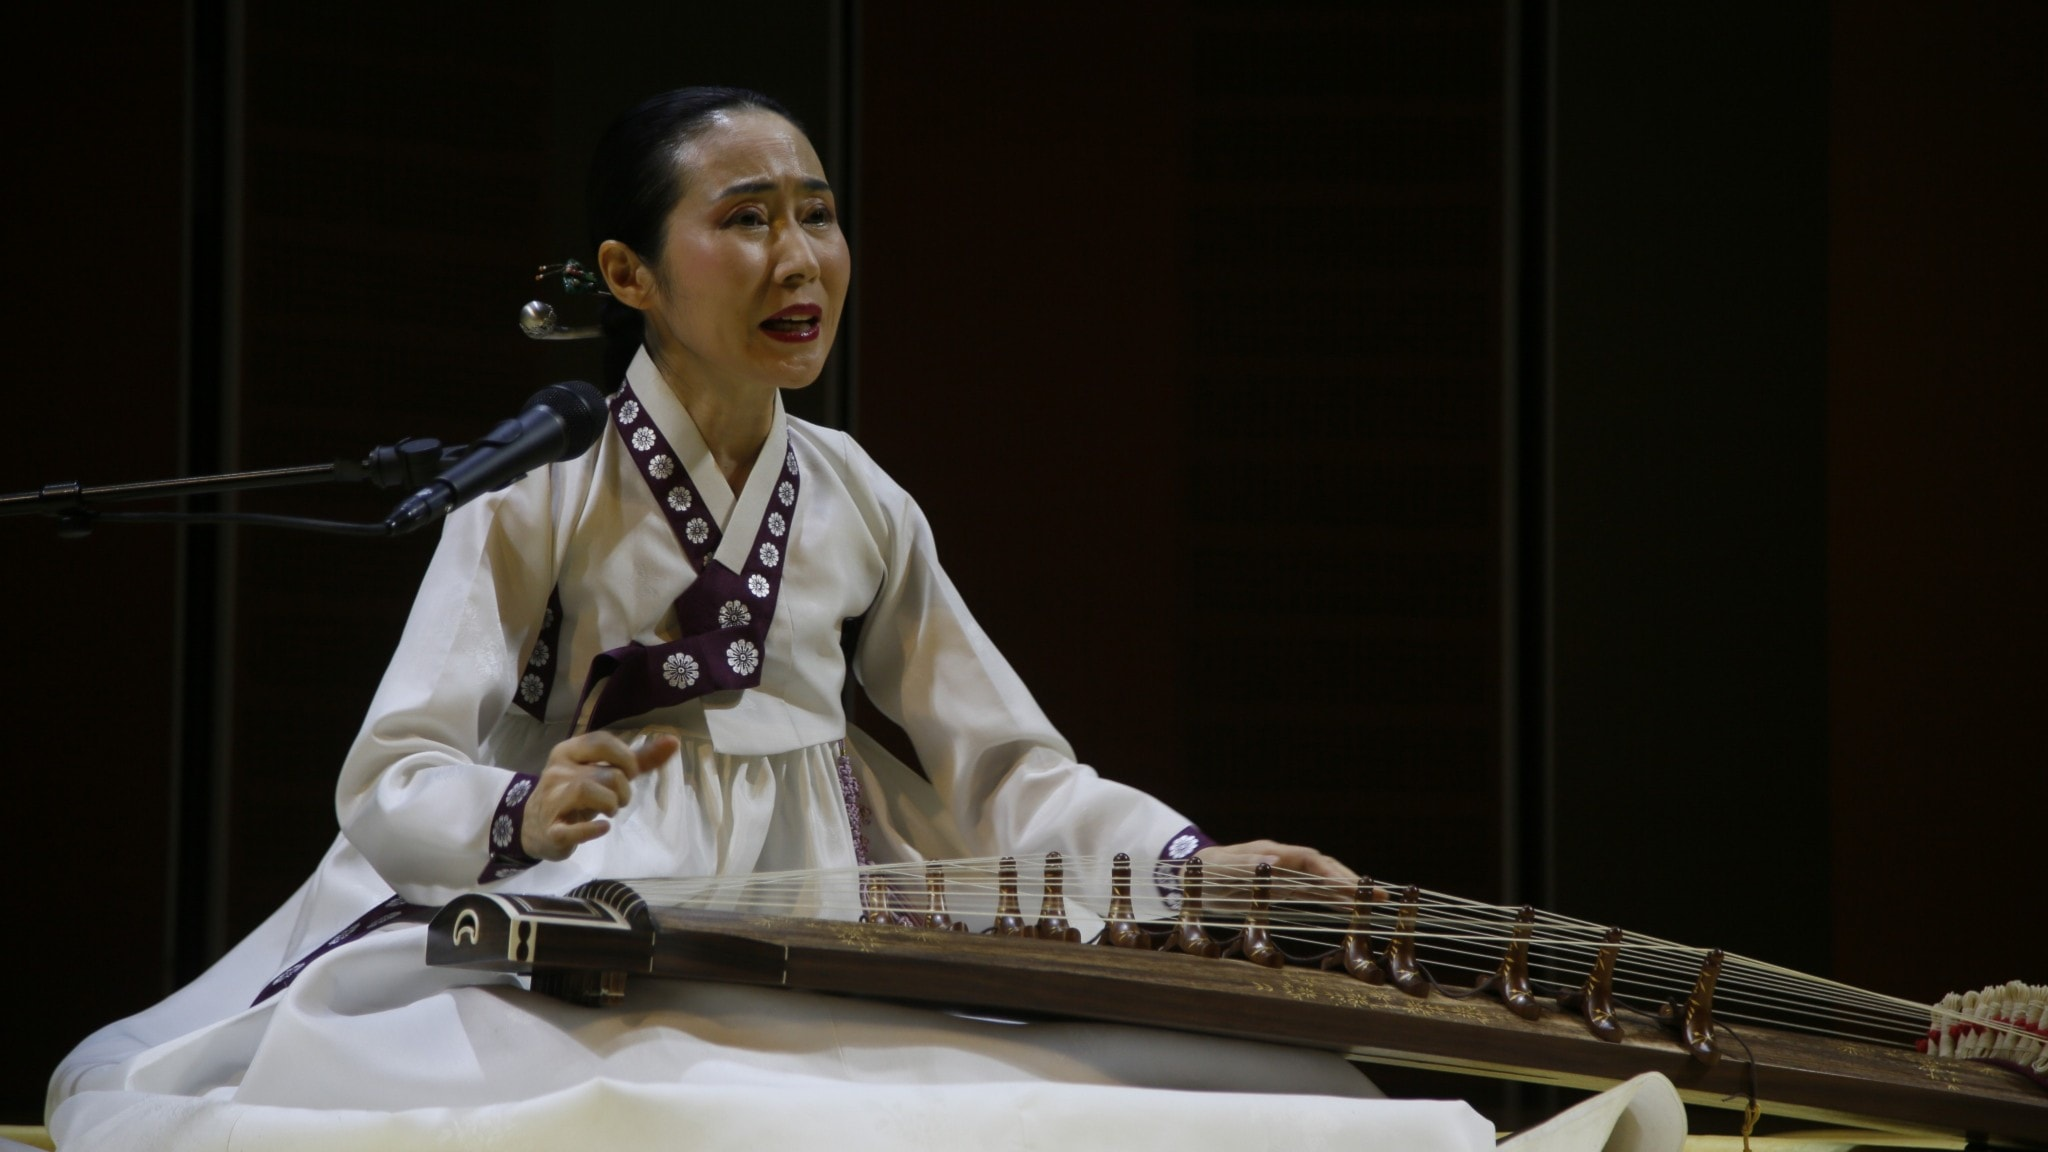 KONSERT: Klassisk musik från Korea